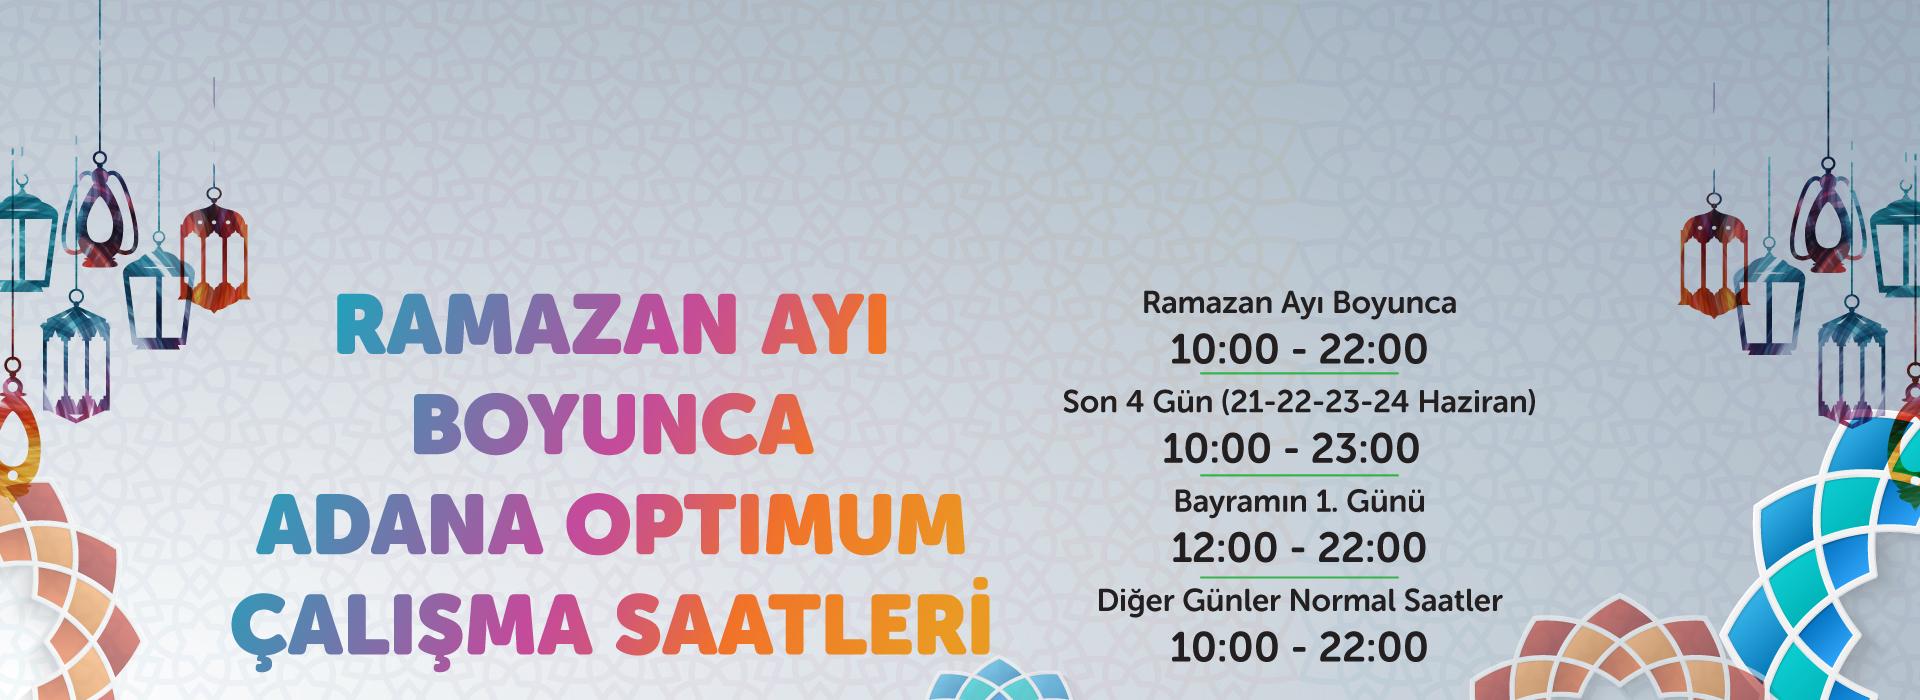 Ramazan ayı boyunca Adana Optimum çalışma saatleri